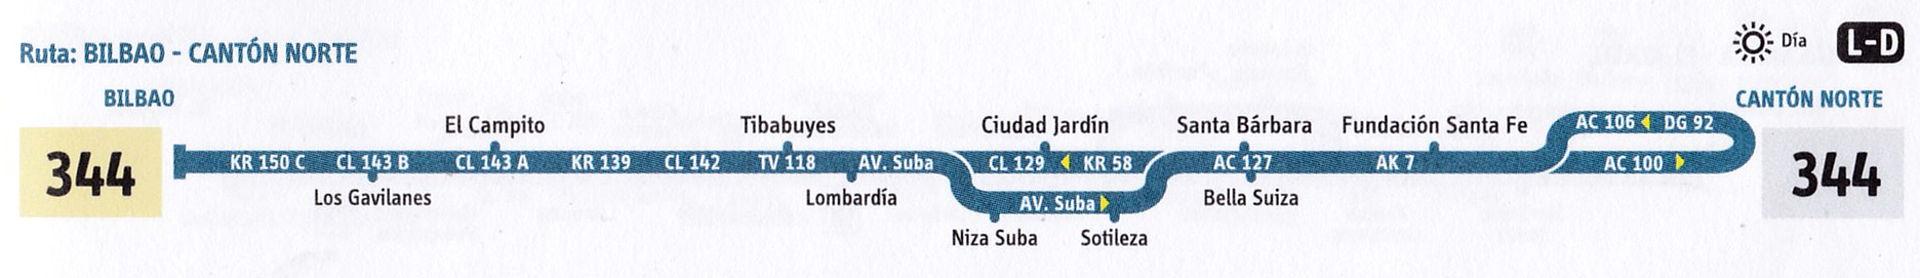 Ruta SITP: 344 Bilbao ↔ Cantón Norte [Urbana] 5